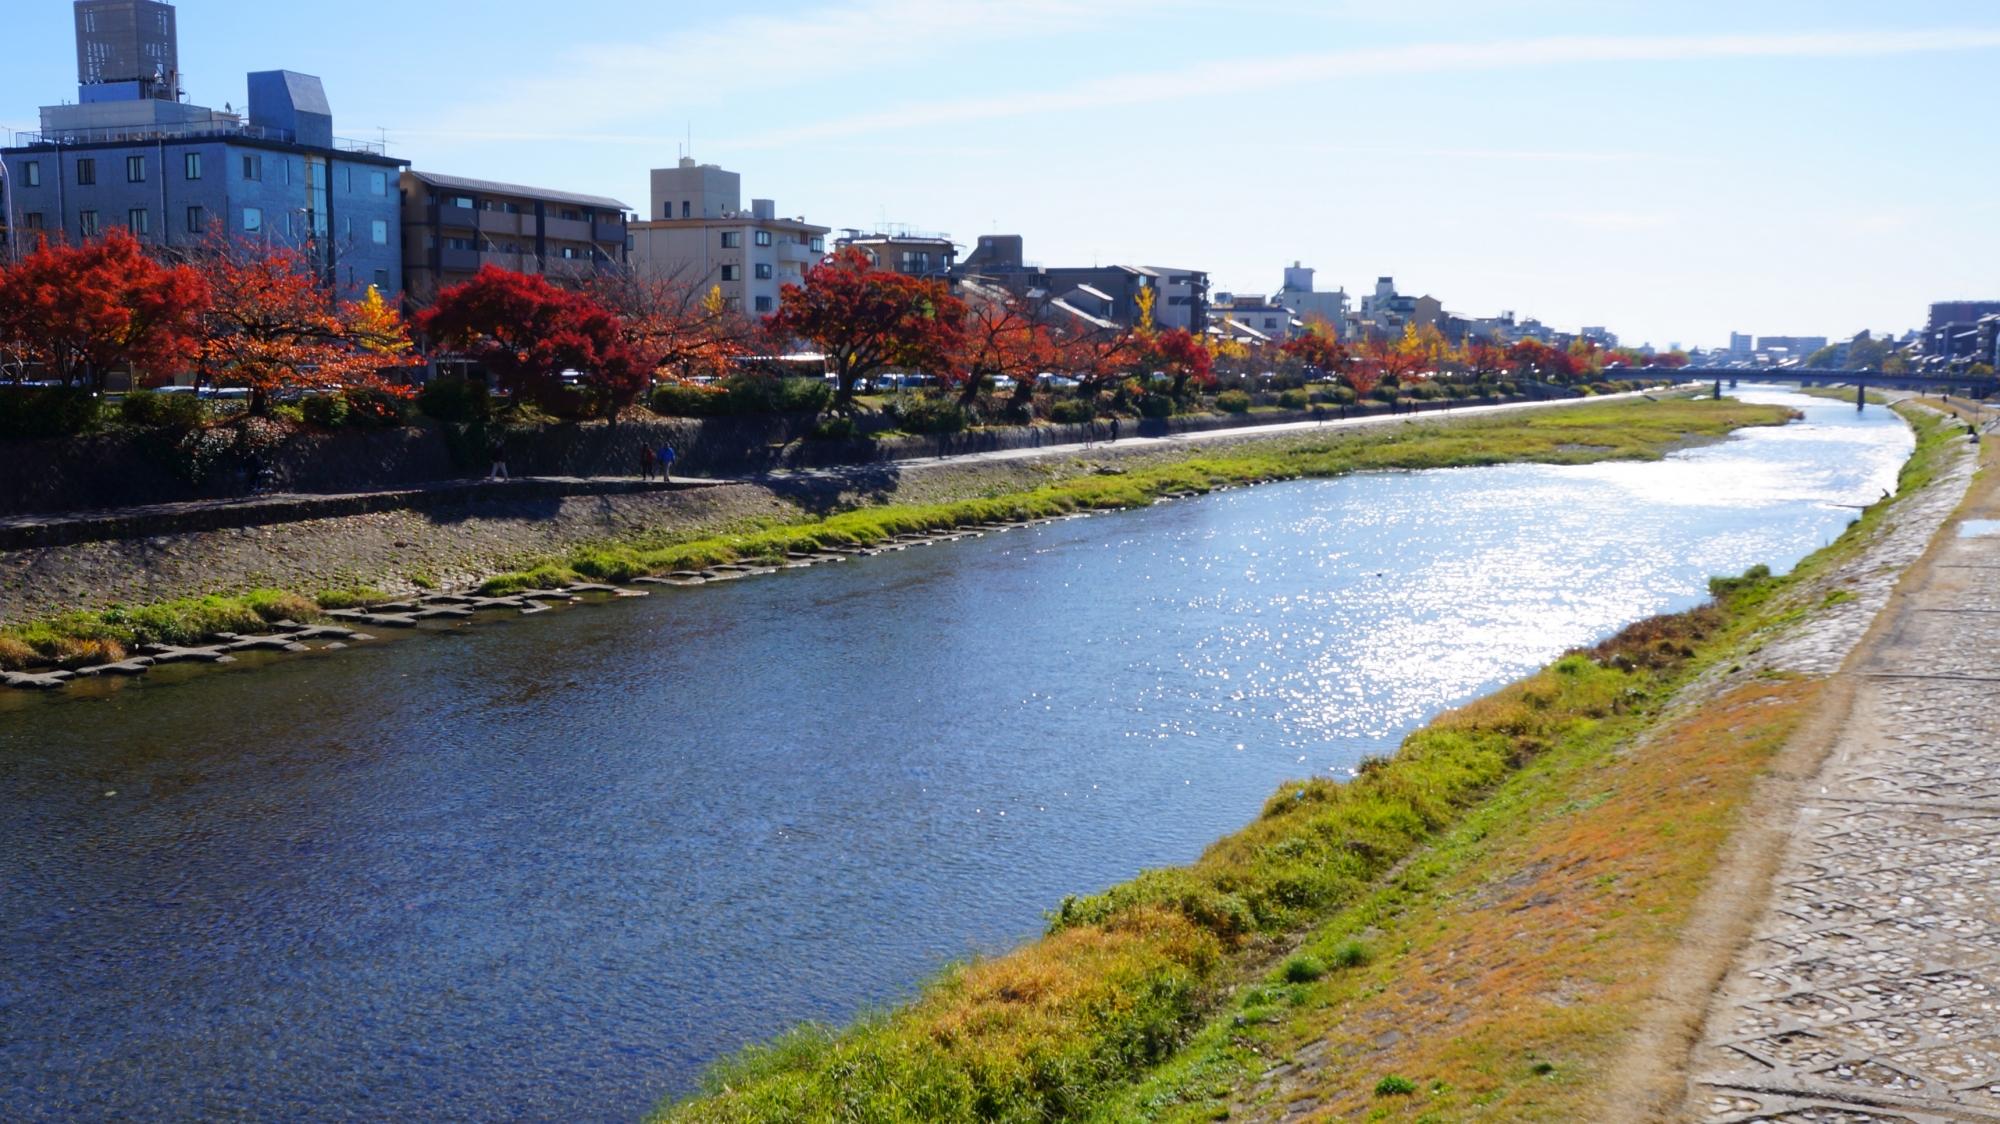 鴨川の長閑な綺麗な見ごろの紅葉